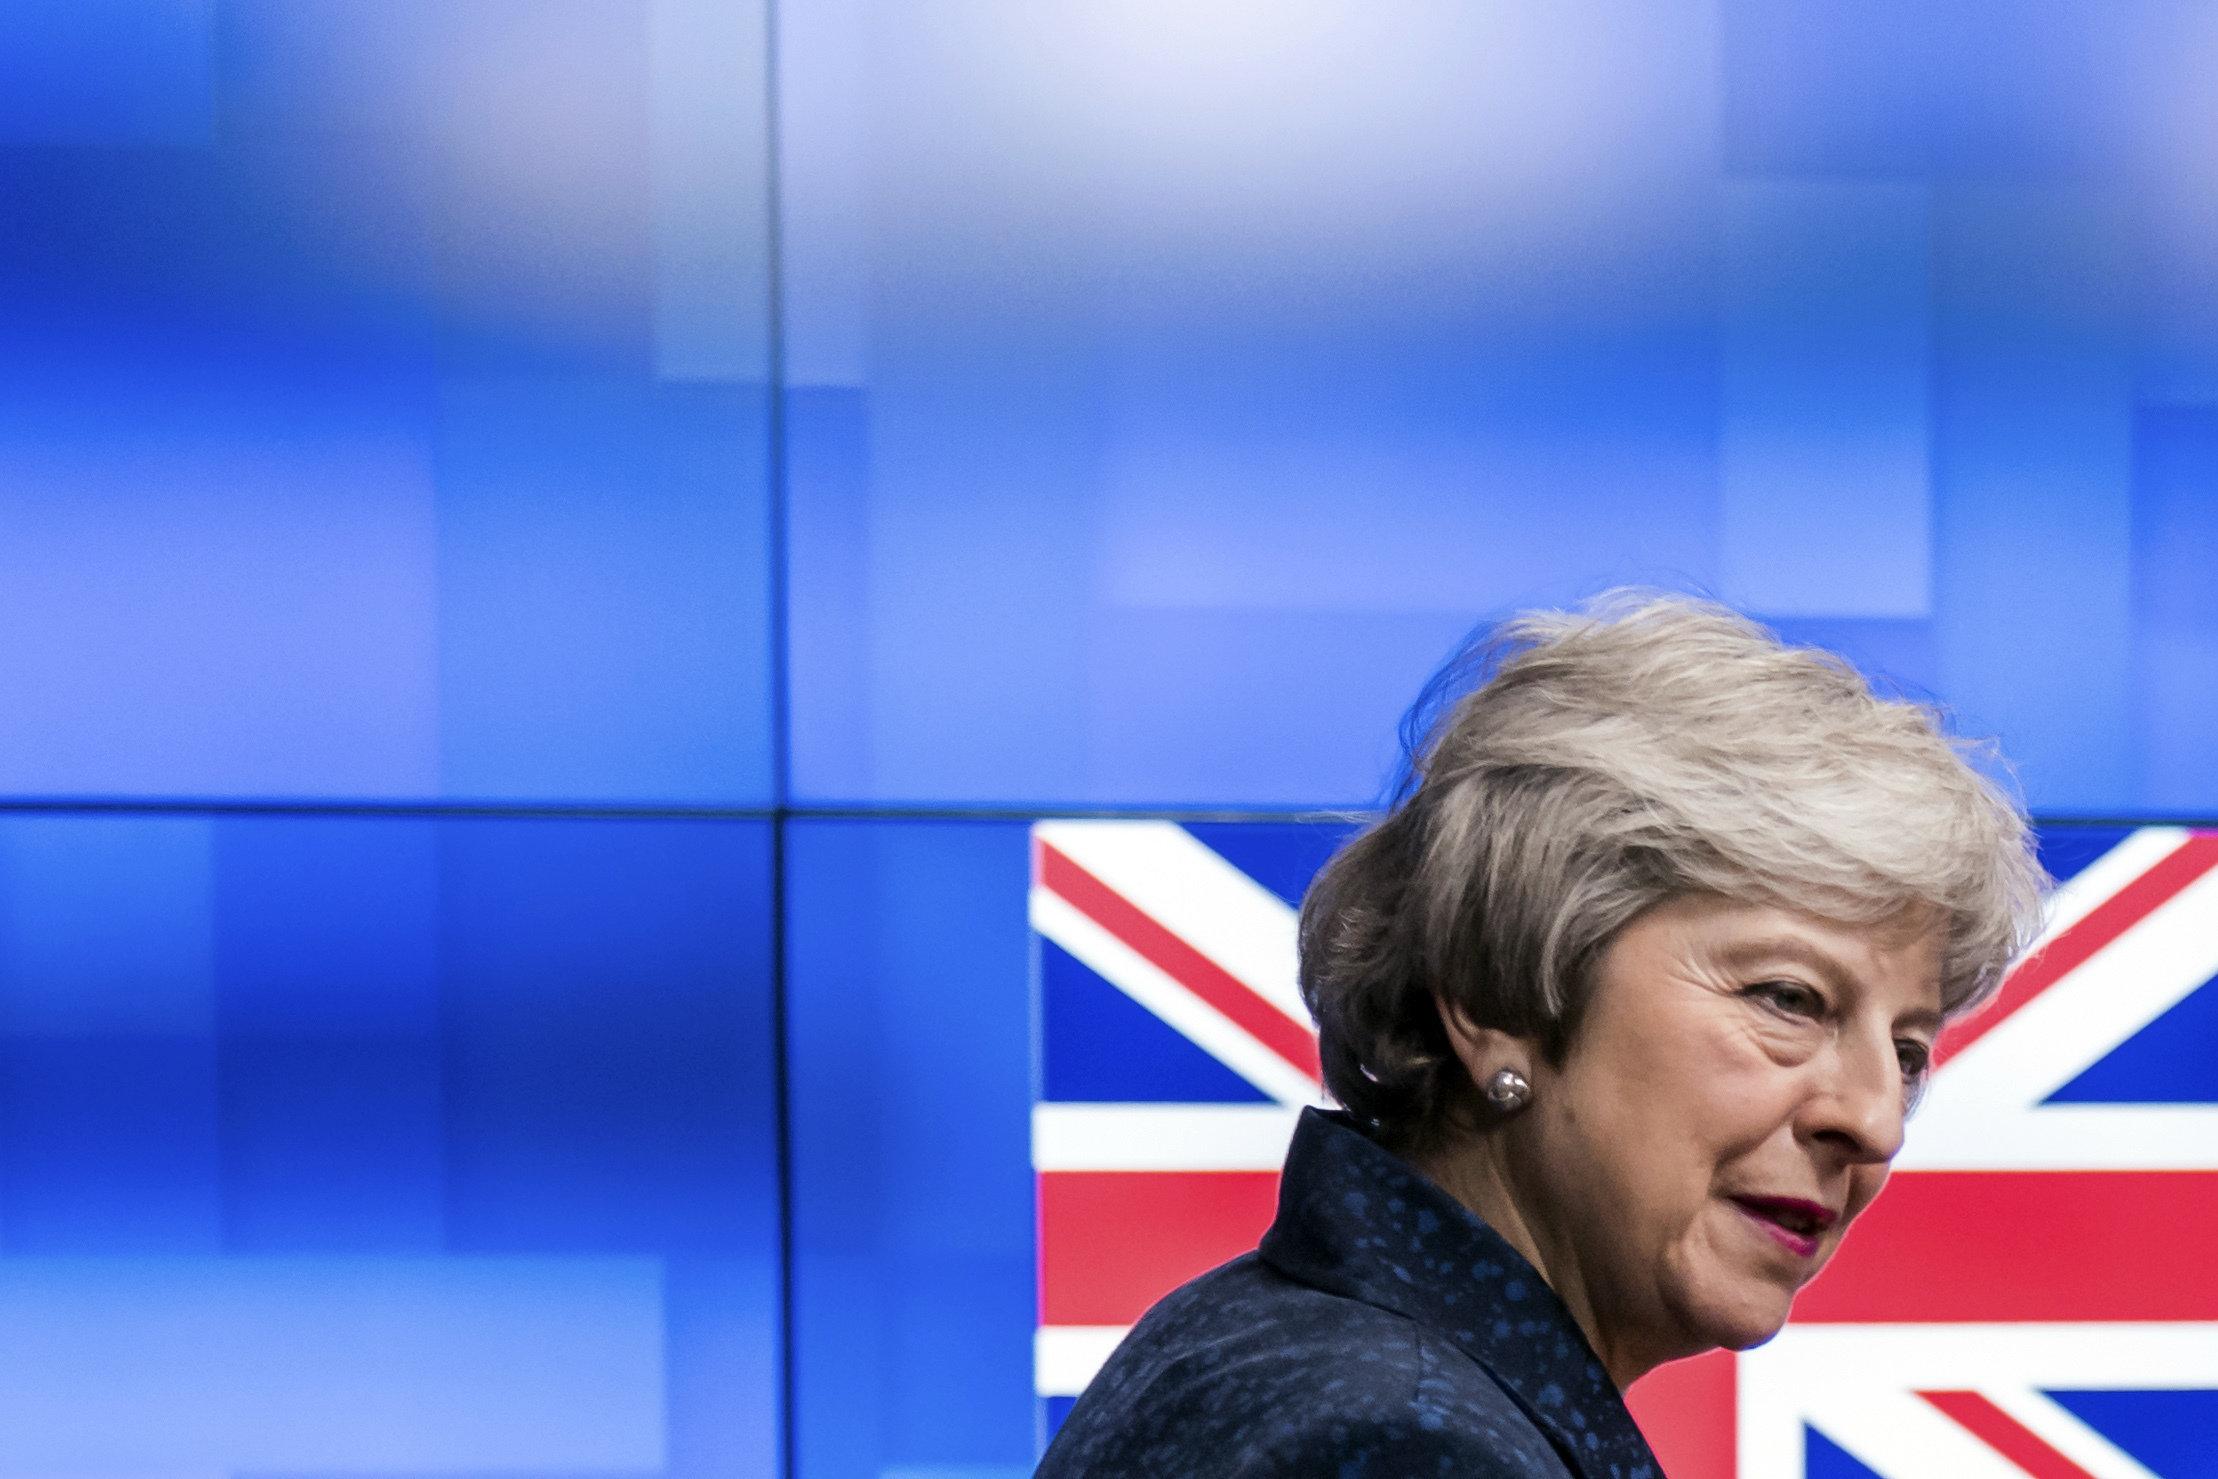 영국 기자가 우연히 엿듣게 된 메이 총리의 '진짜 브렉시트